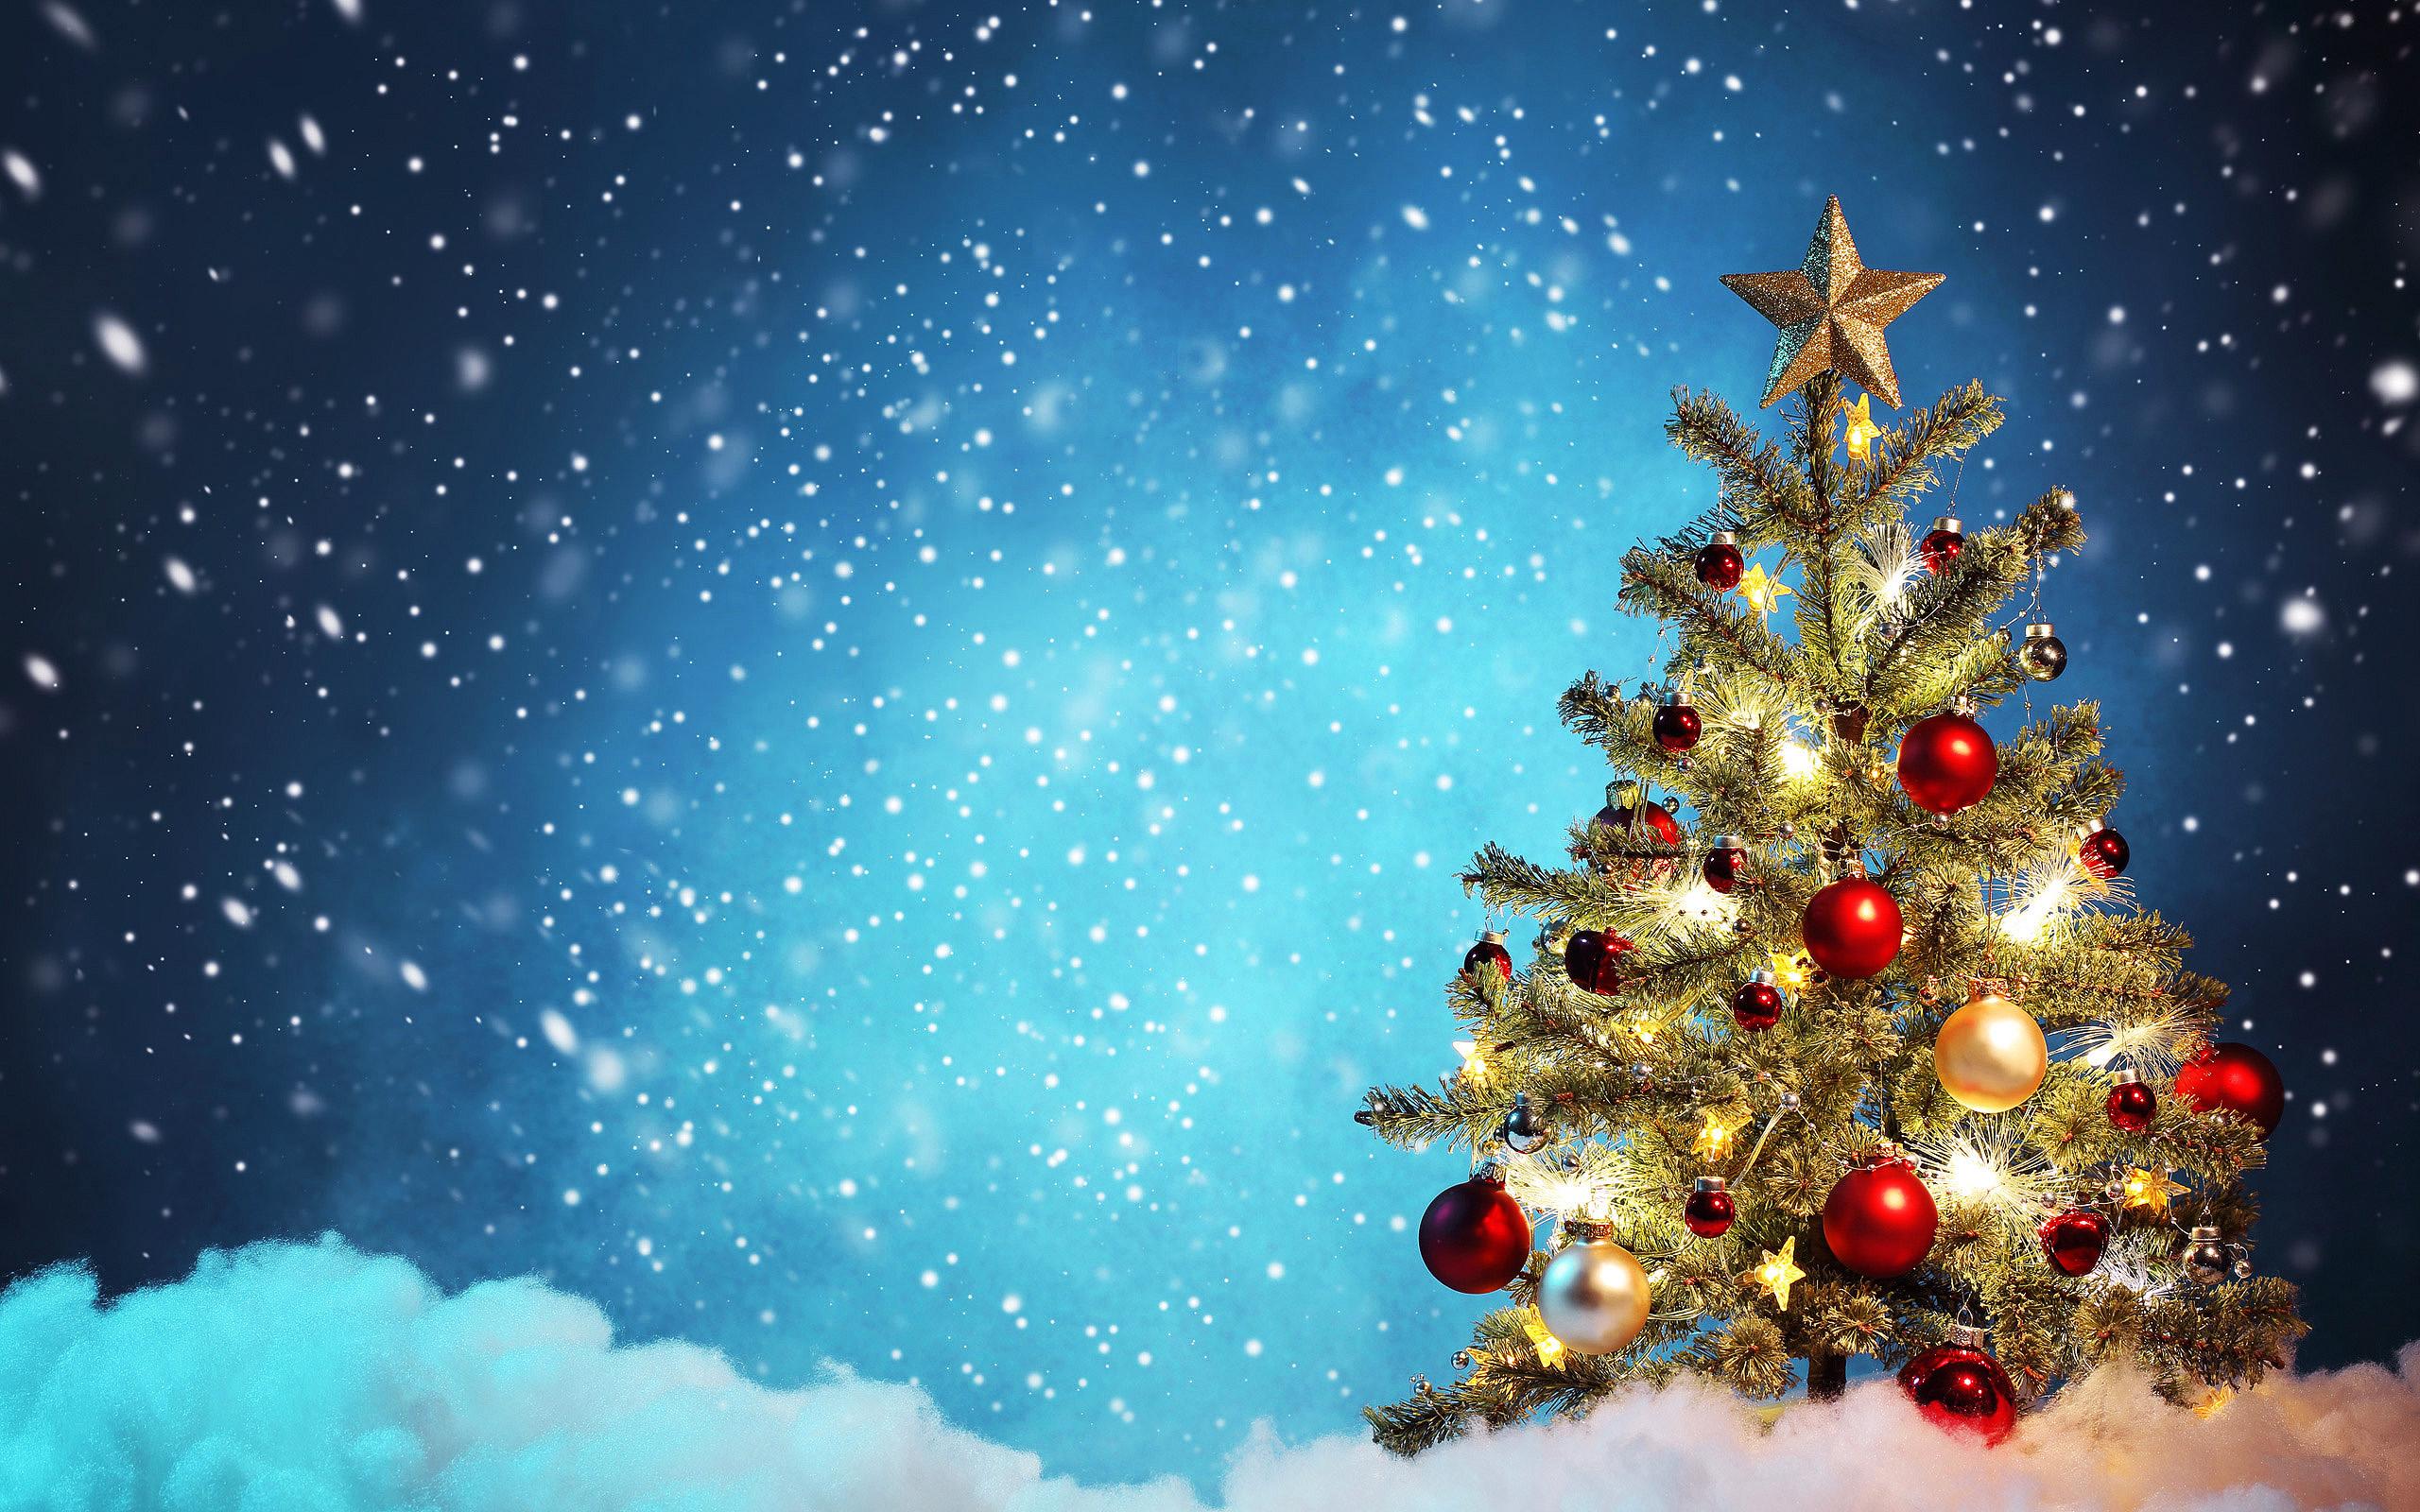 Новый год 2019, новогодняя елка, игрушки, hd заставки